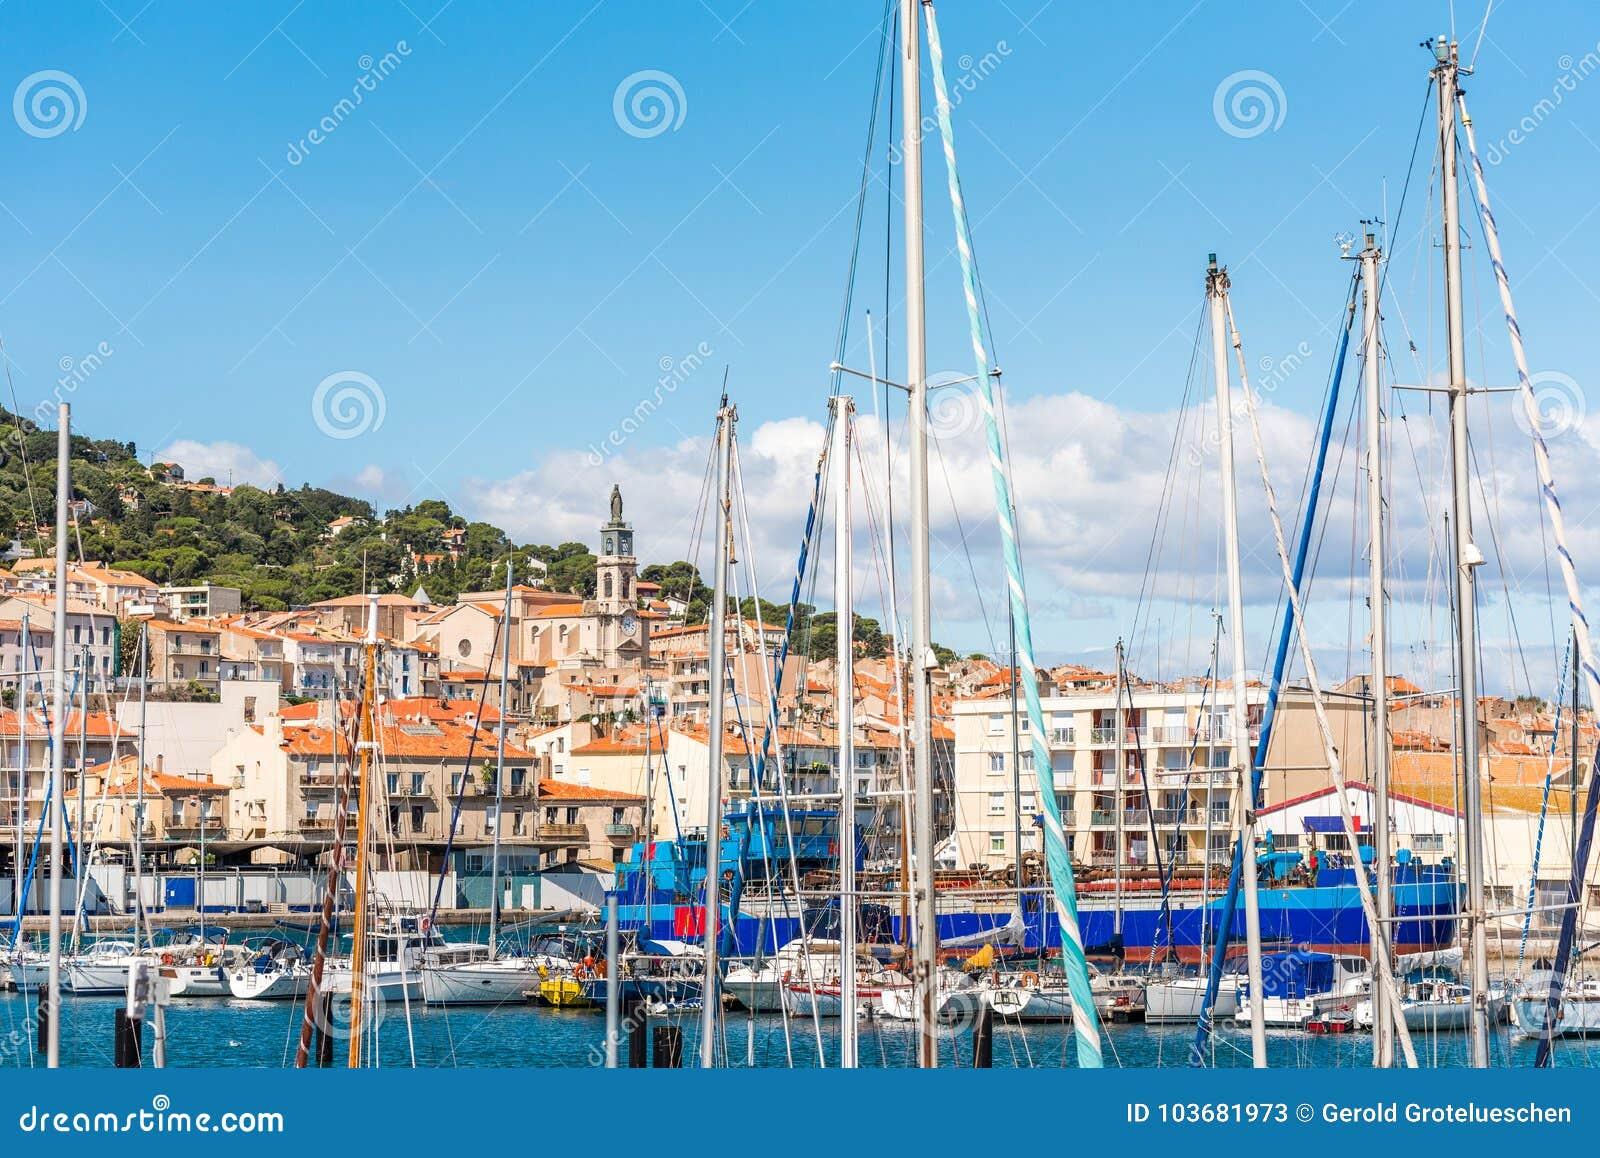 Ansicht des Hafens mit Yachten, Sete, Frankreich Nahaufnahme